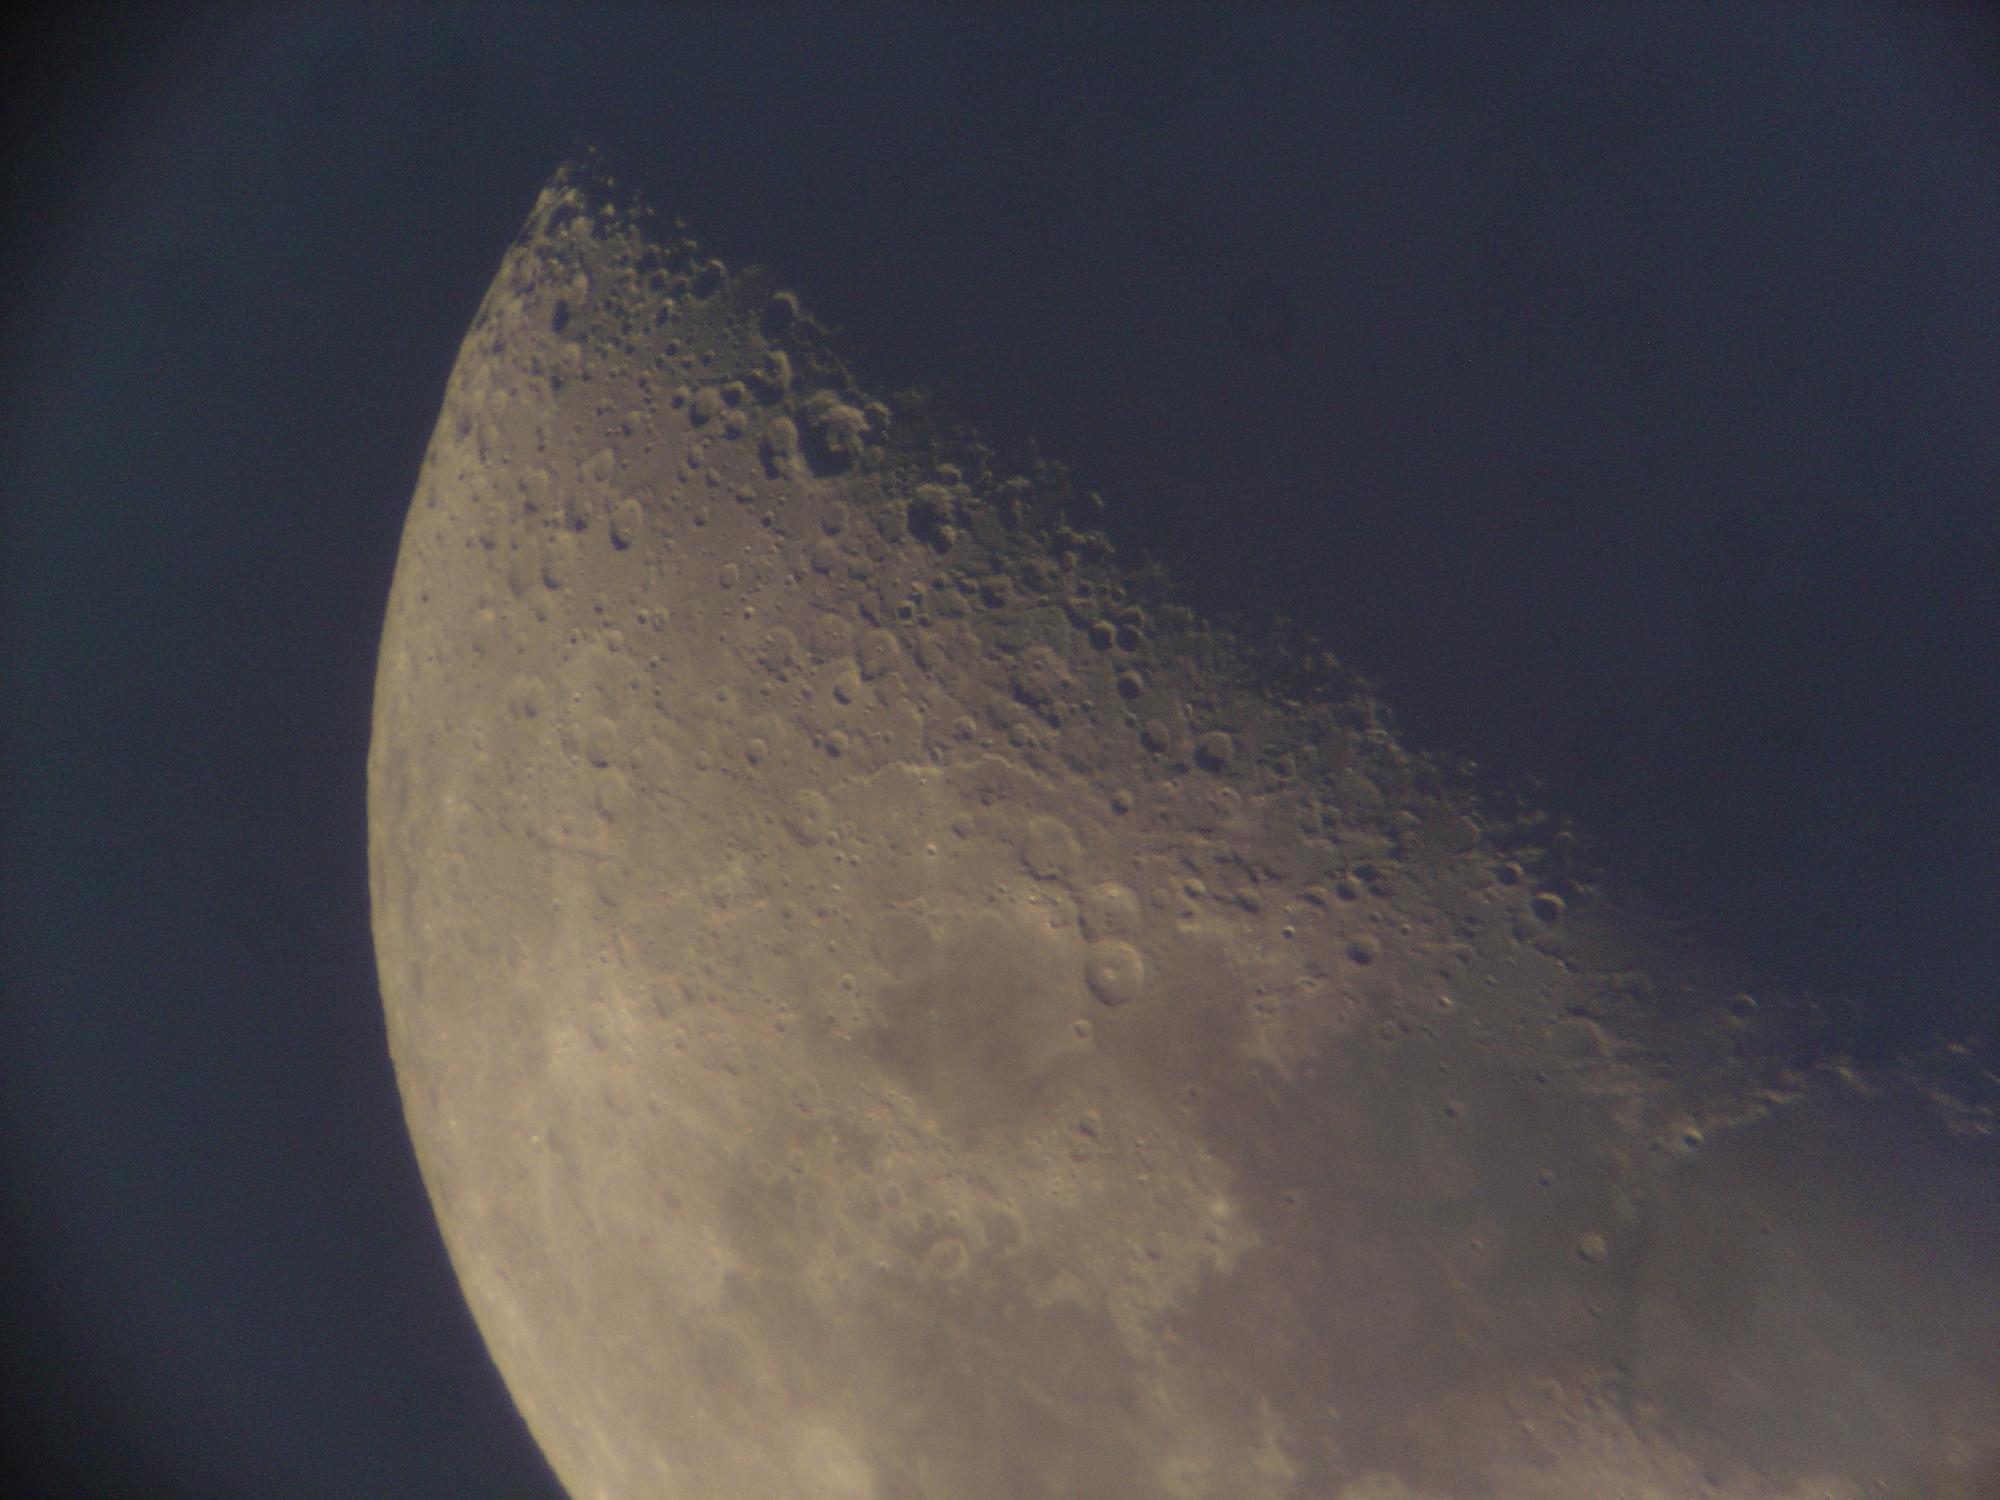 10 lune 150 newton nagler de 16 ou 9 a voir de plus pret2 .jpg